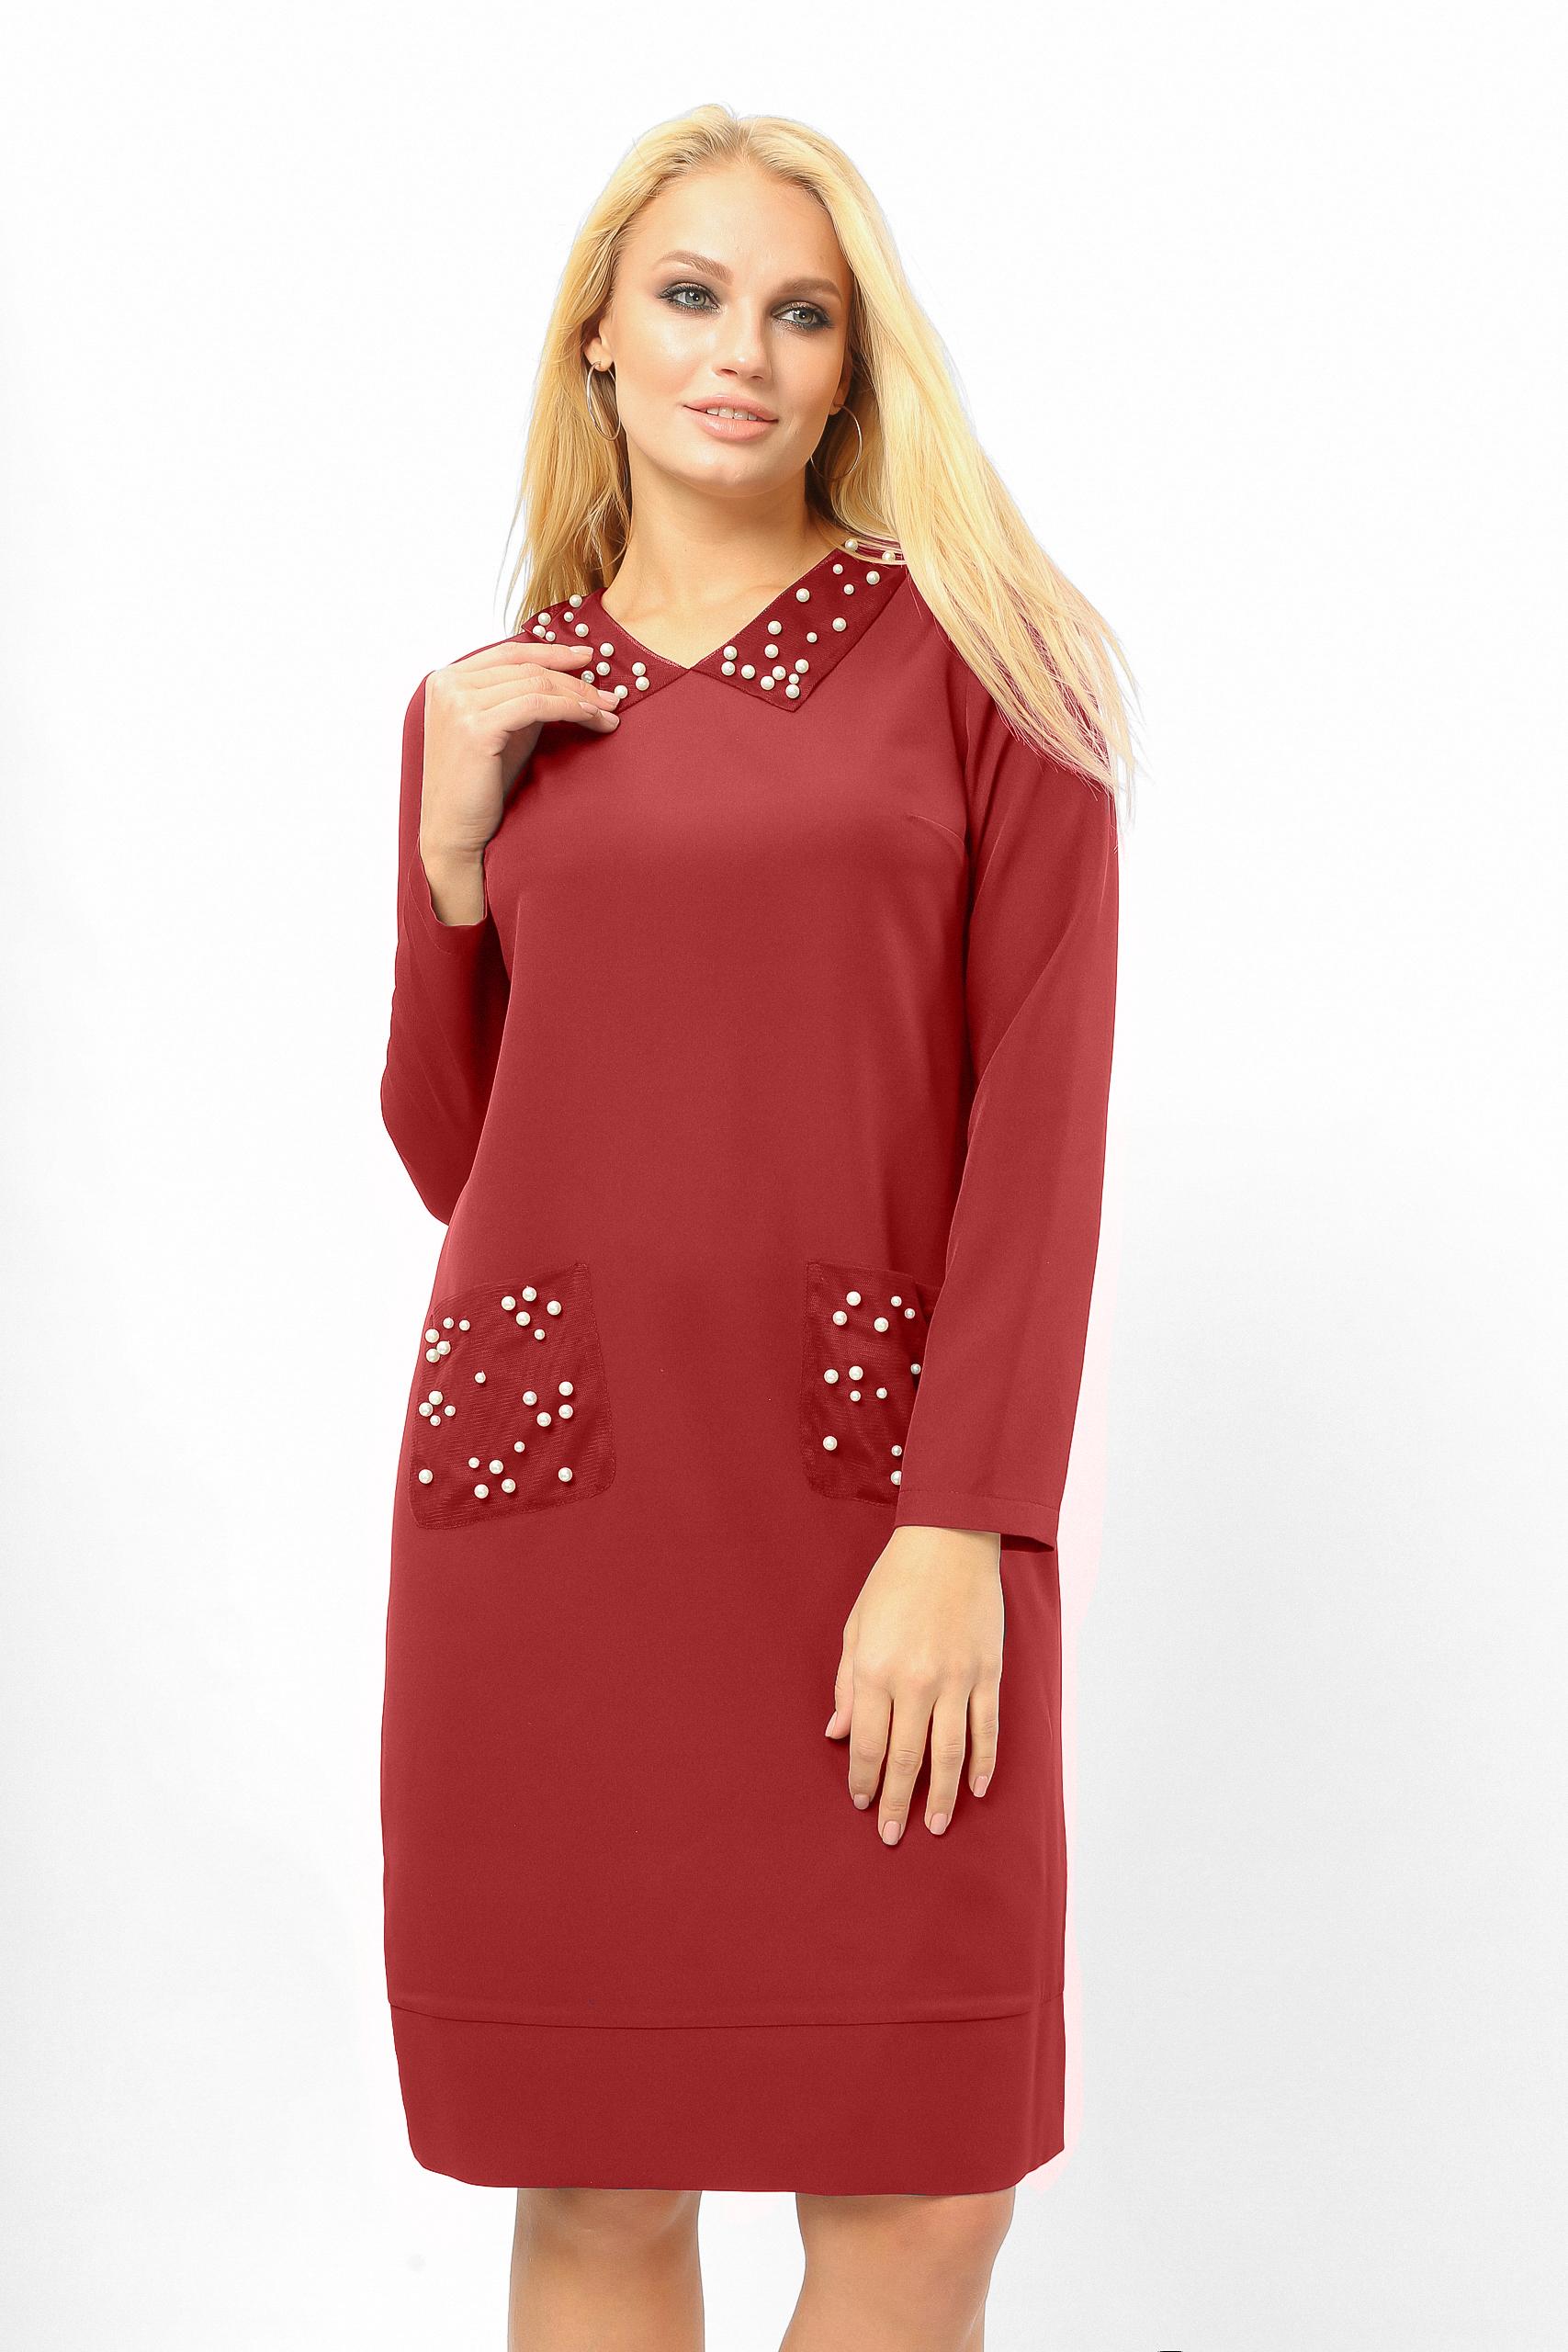 Сукня з перловими кишенями Бордо Батал Lipar